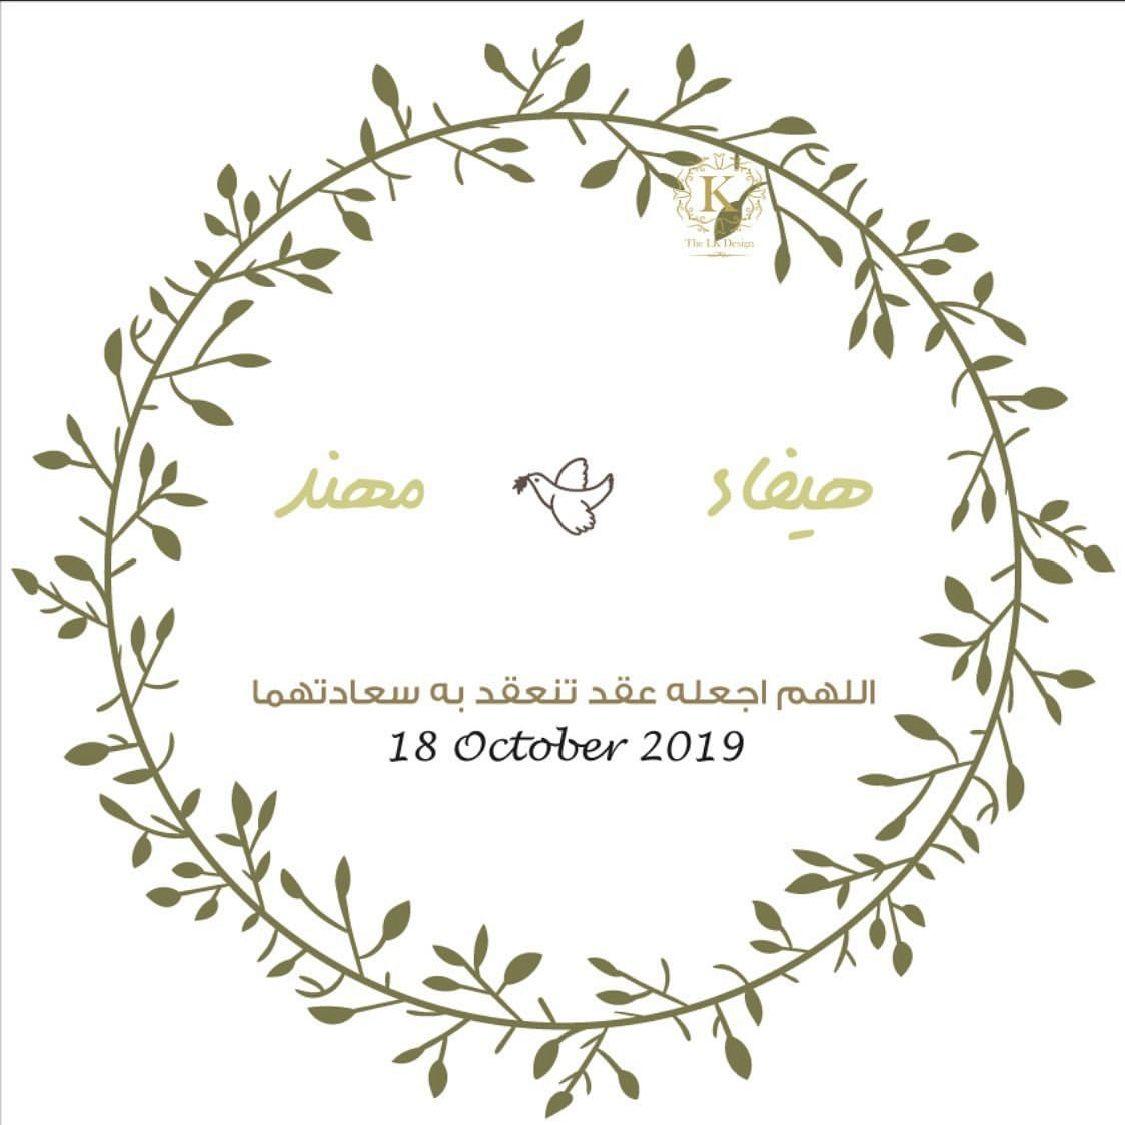 دعوة دعوة تخرج دعوات الكترونية مواليد أعراس عروس ملكة خطوبة زواج تخرج Baby Bride Cute Wedding Wedding Cards Wedding Cards